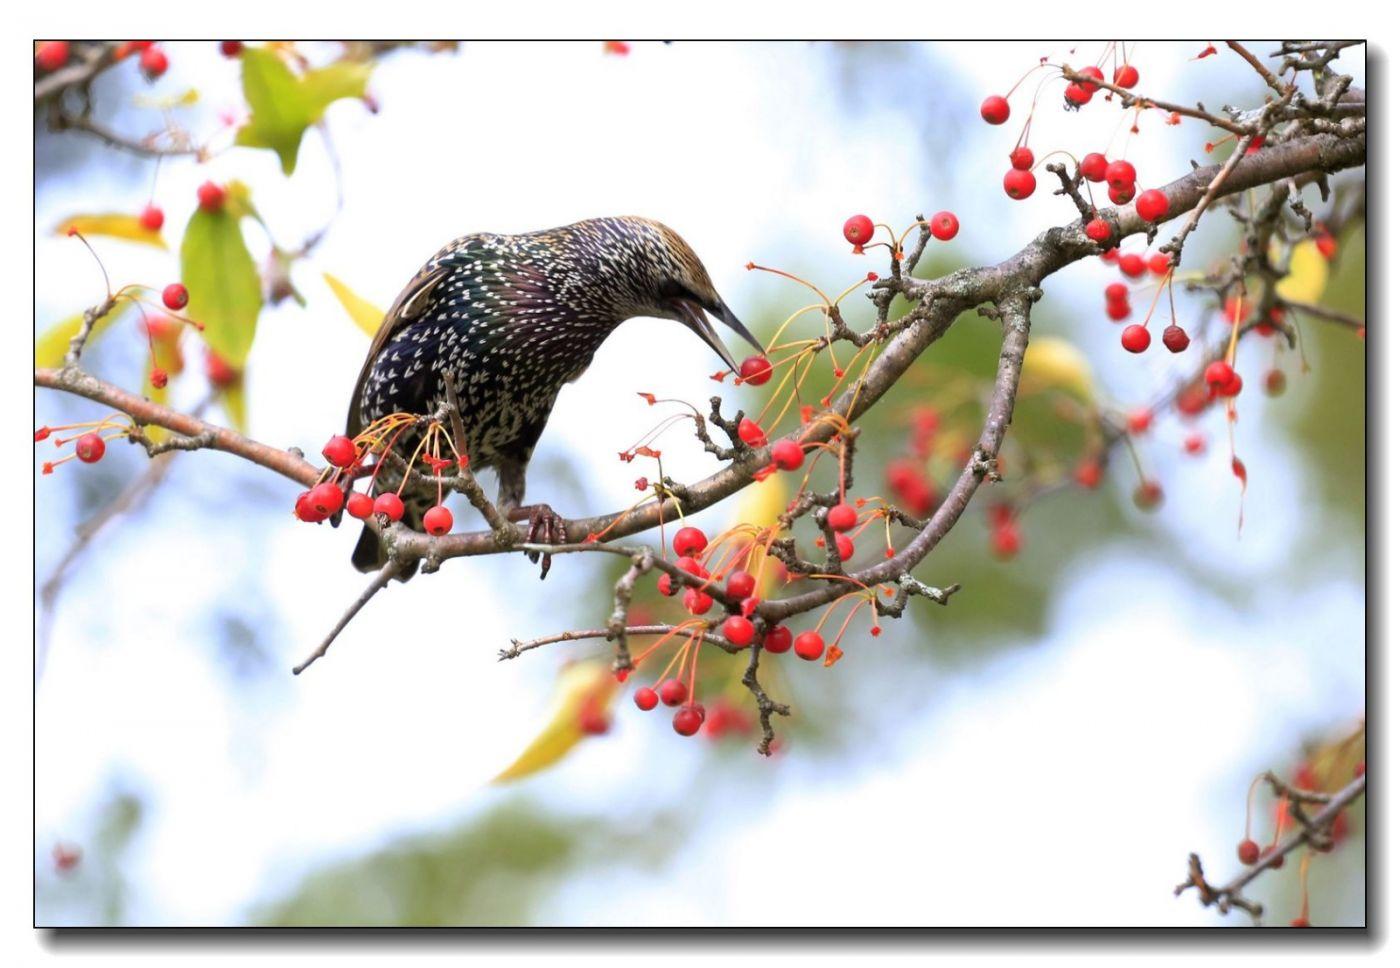 果熟鸟来图-紫翅椋鸟_图1-12